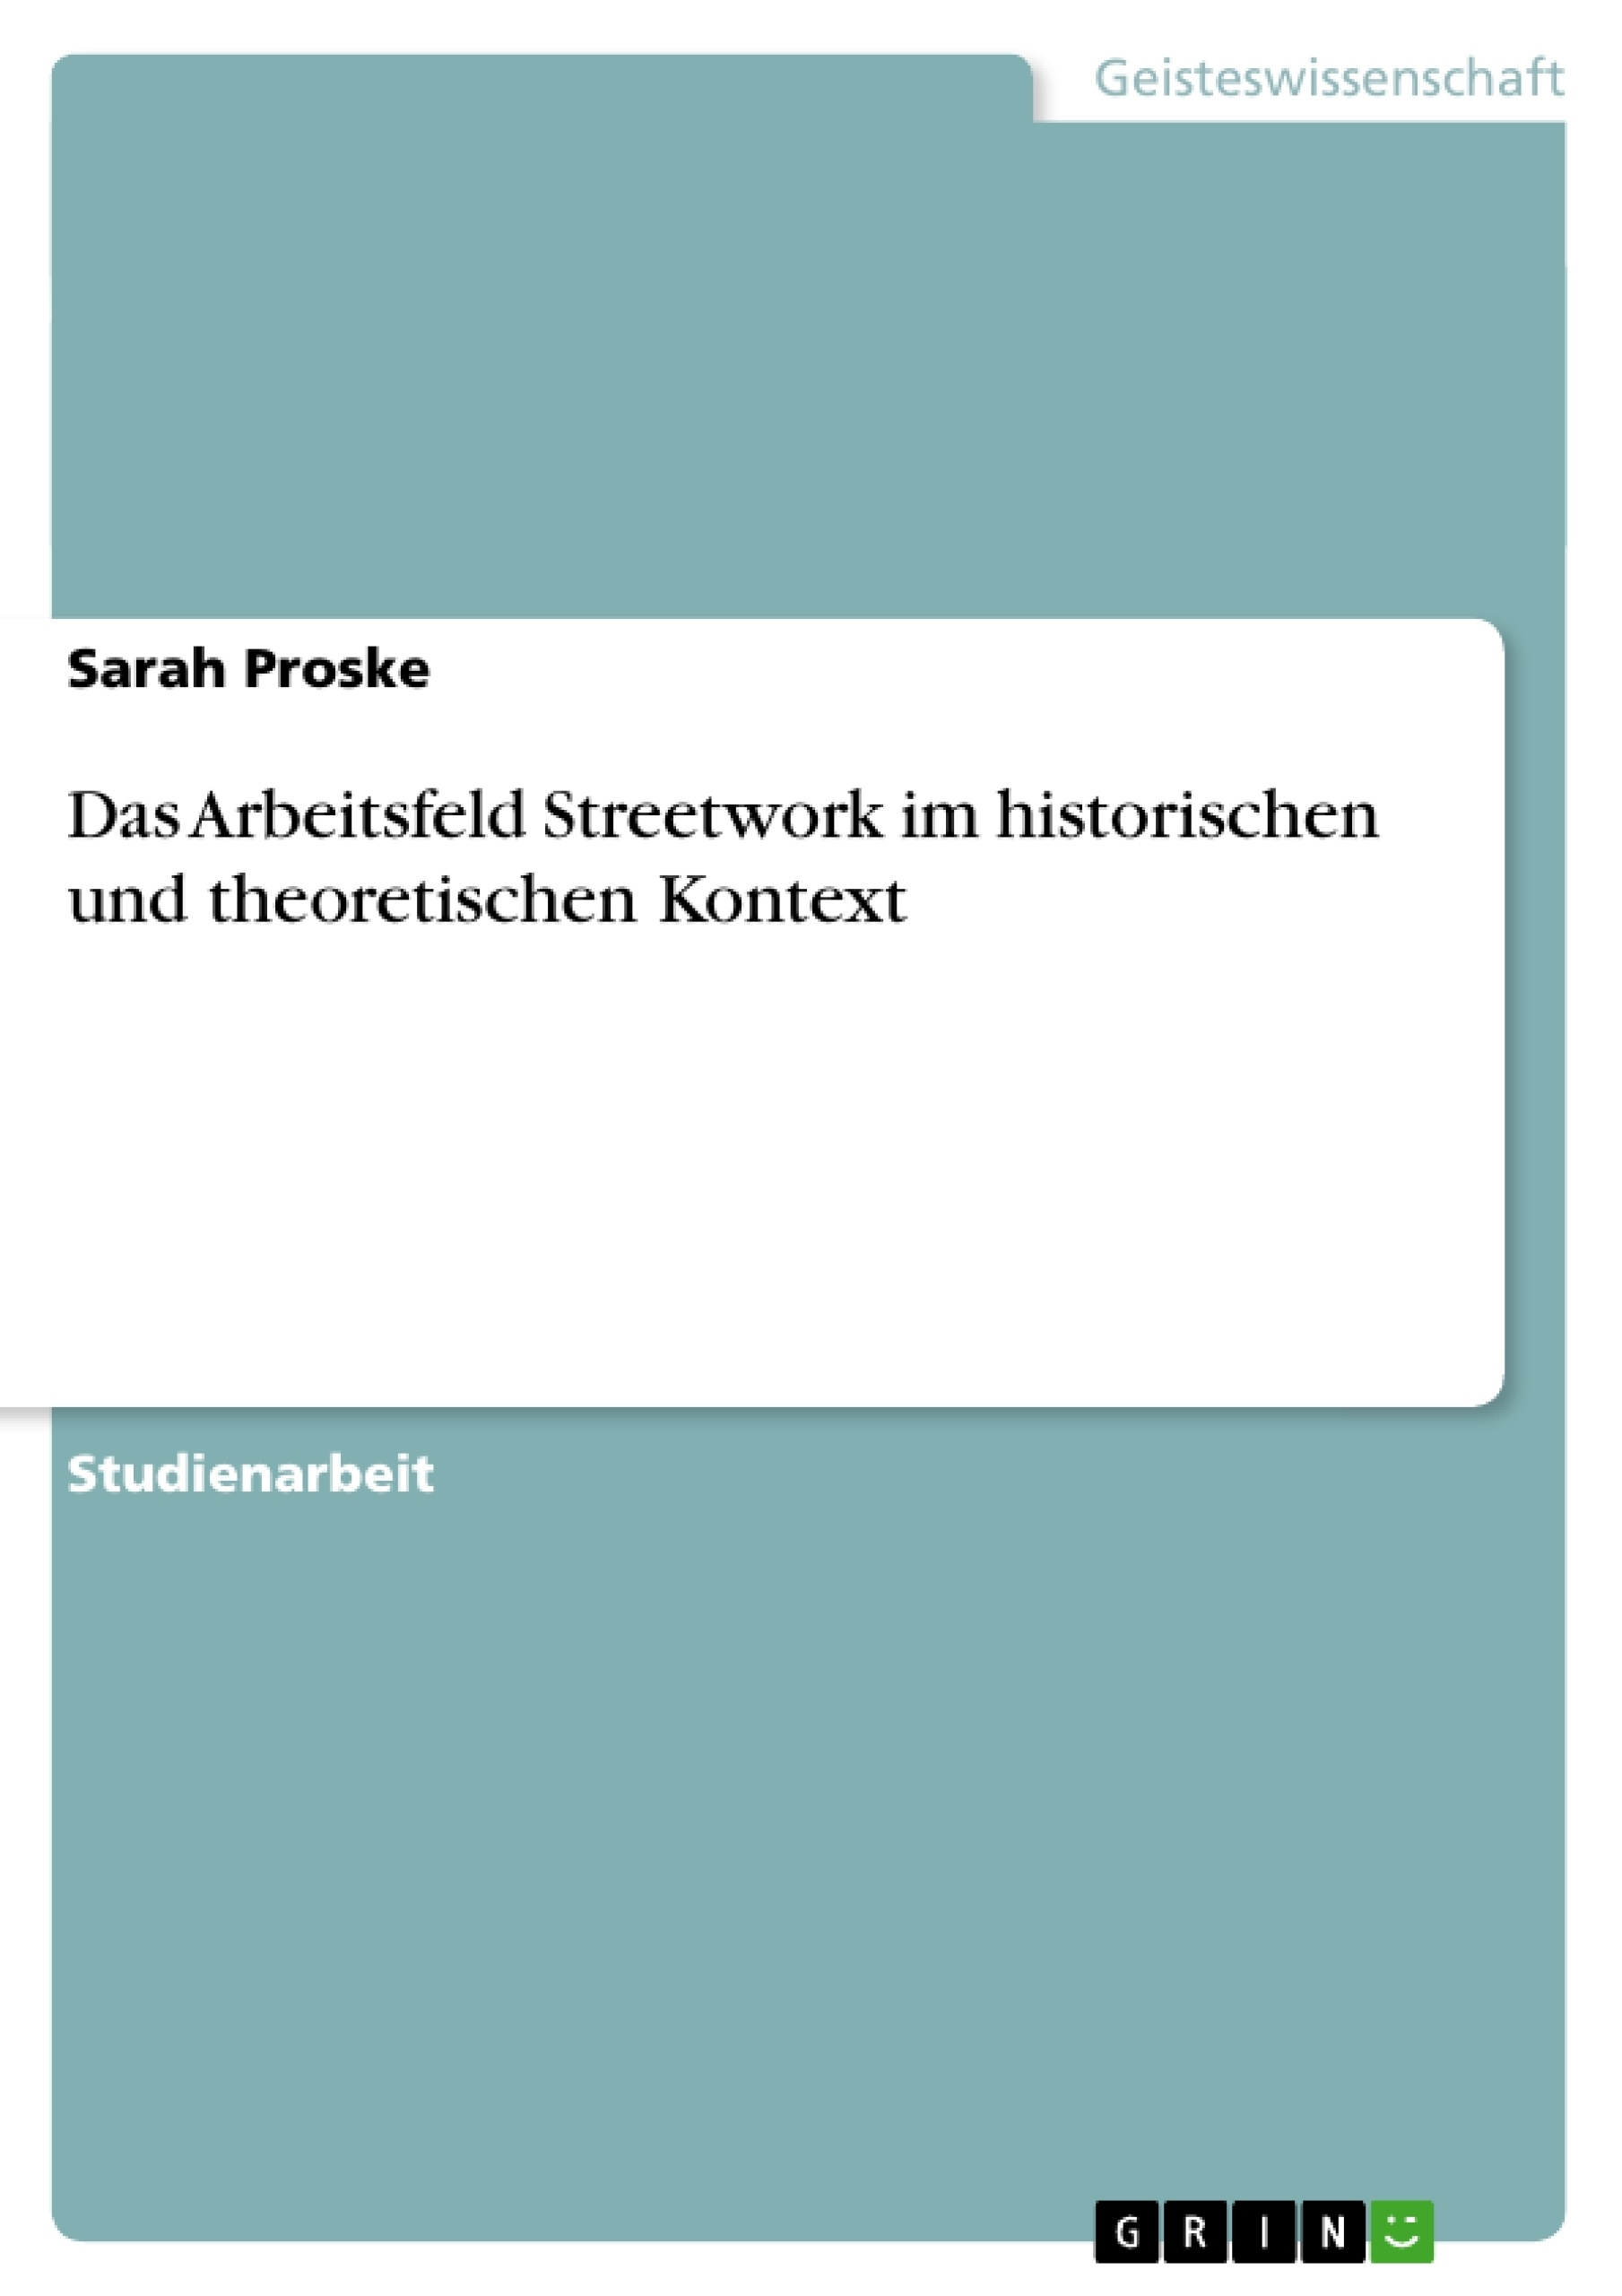 Titel: Das Arbeitsfeld Streetwork im historischen und theoretischen Kontext